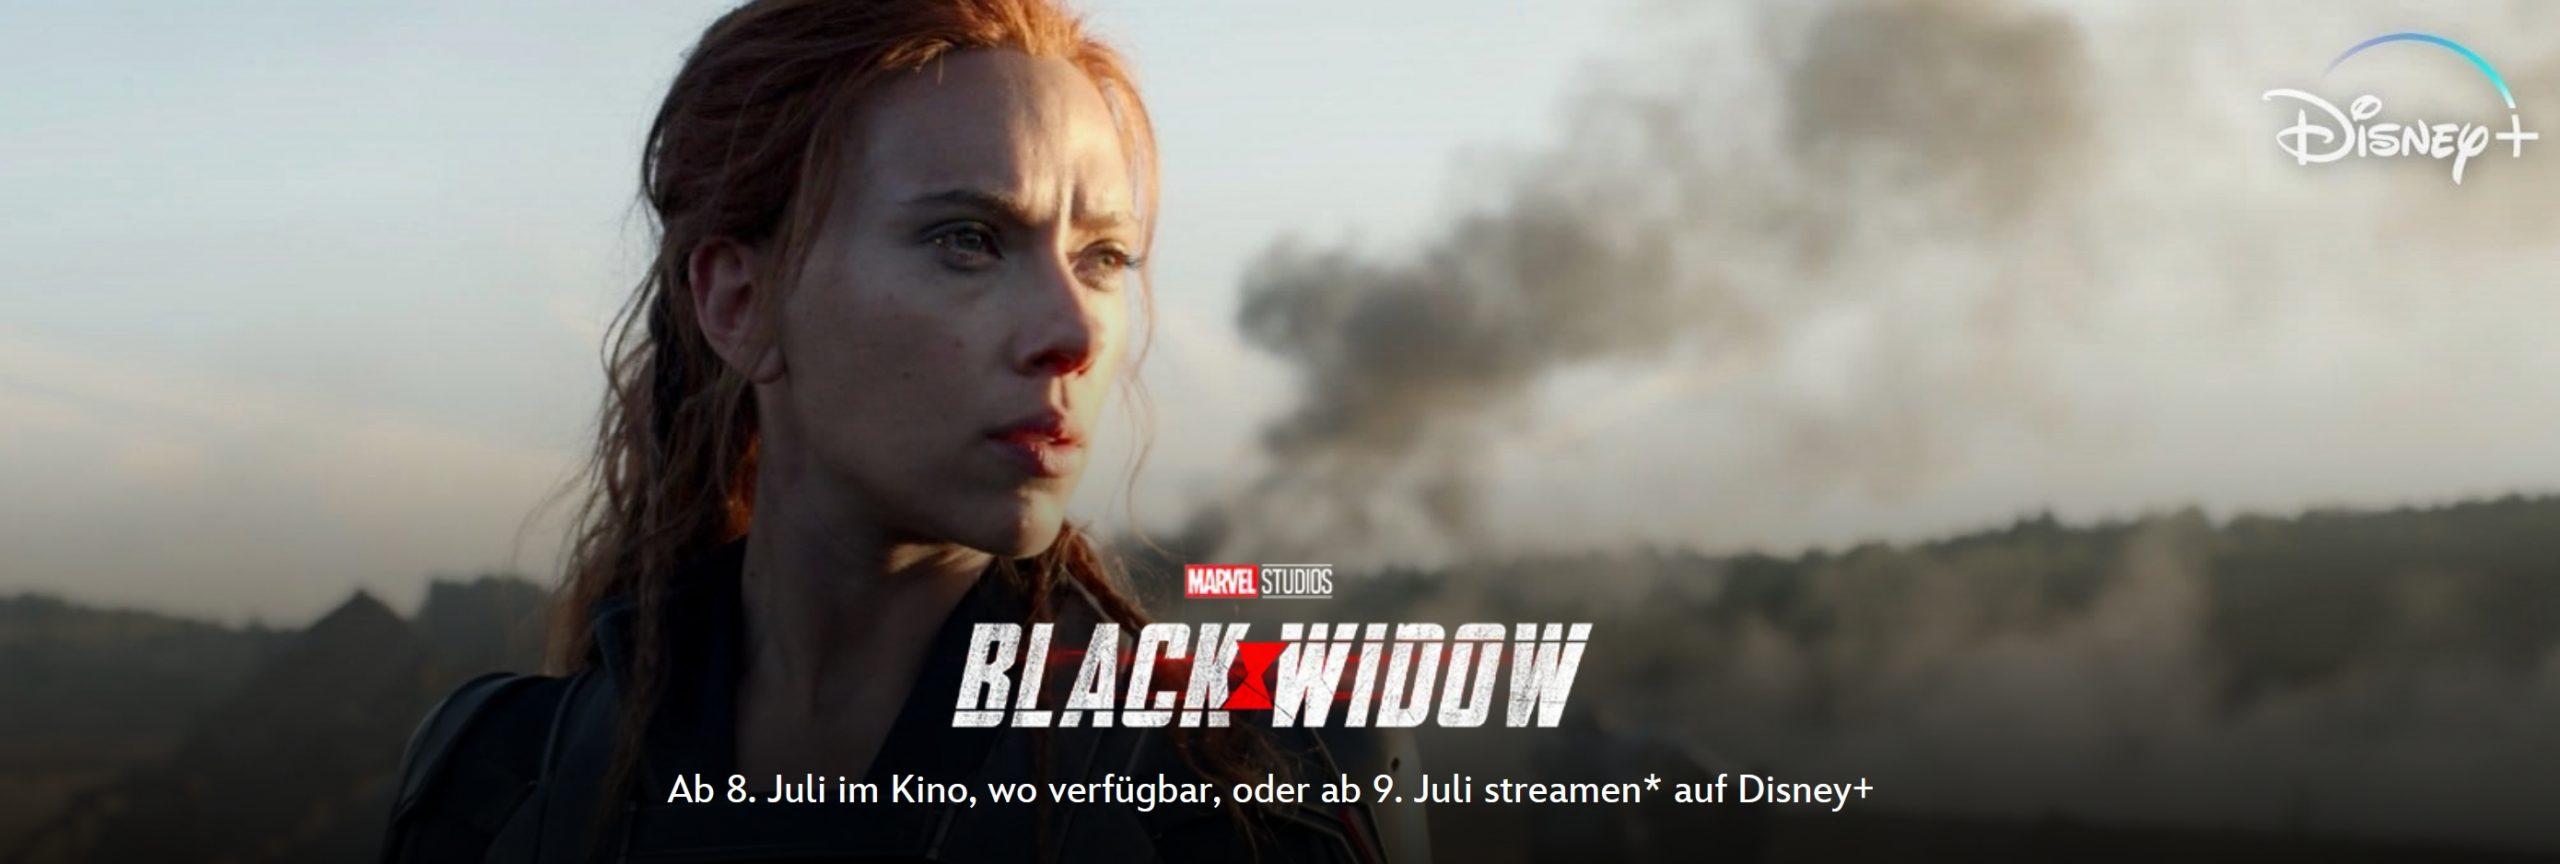 black-widow-disney-plus